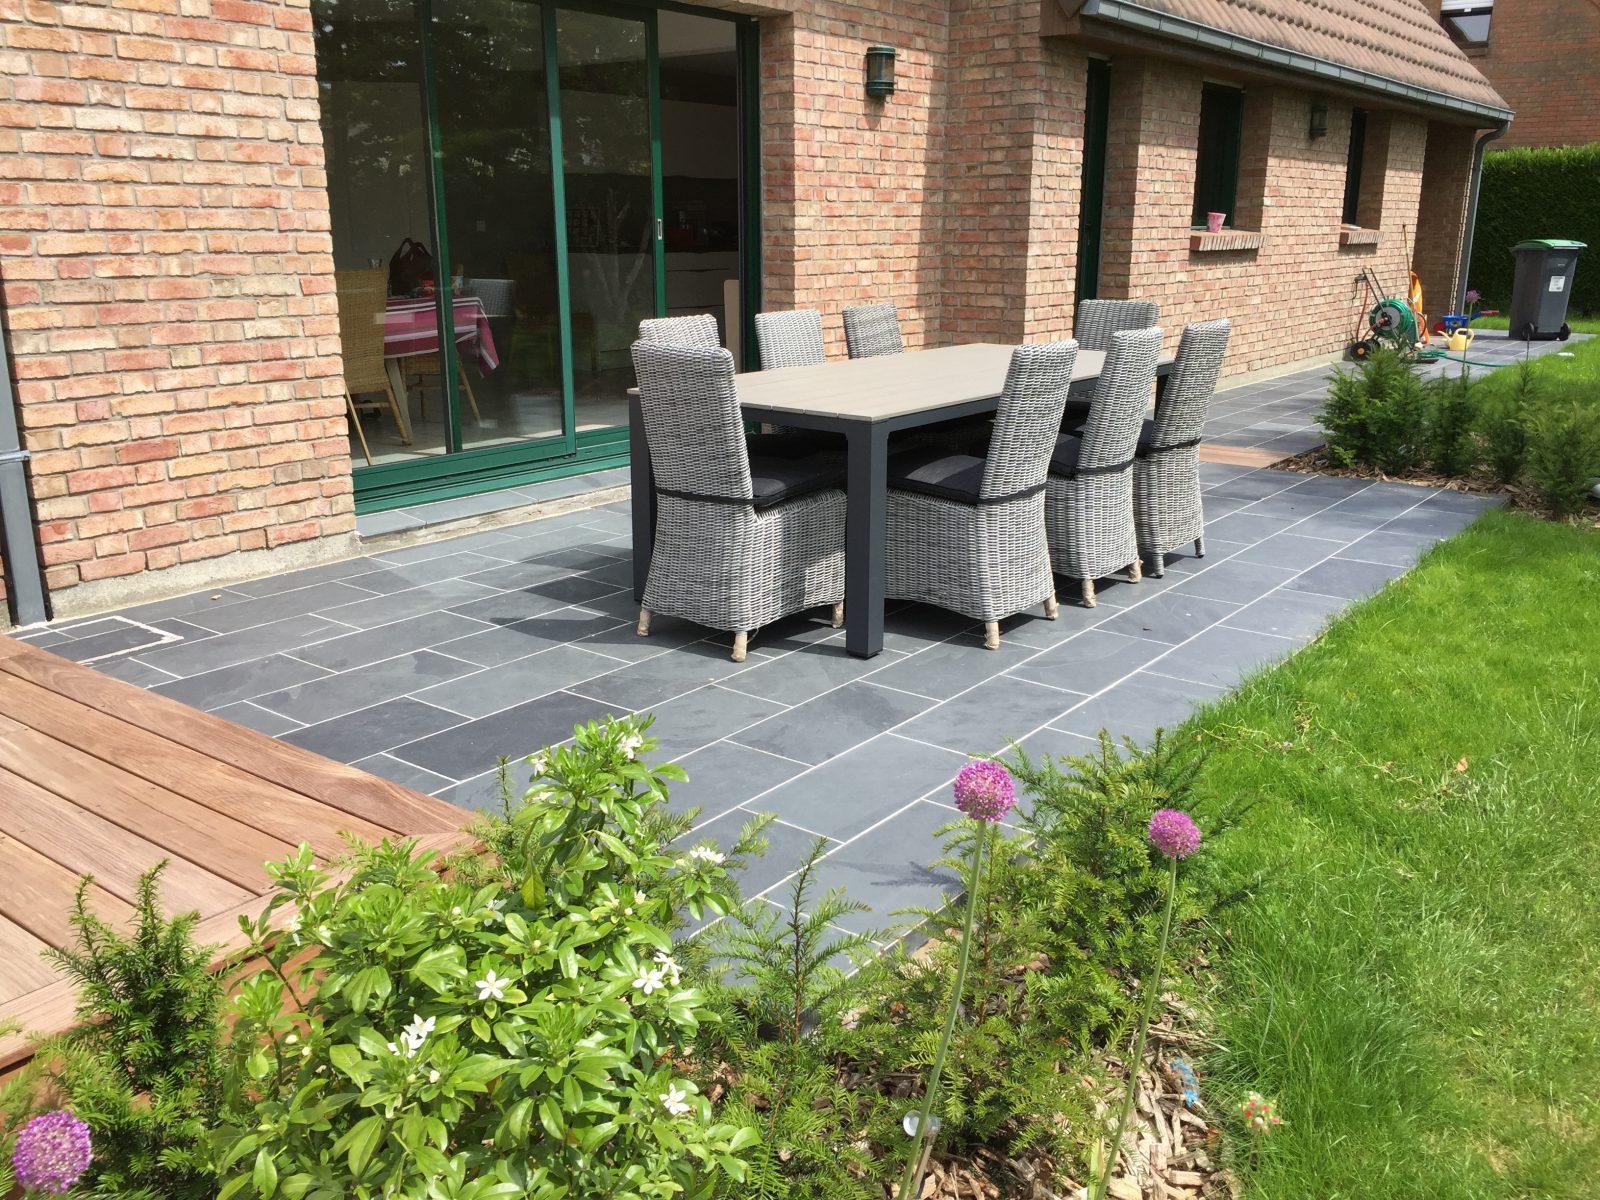 terrasse ardoise et bois lille nord 59 paysagiste. Black Bedroom Furniture Sets. Home Design Ideas